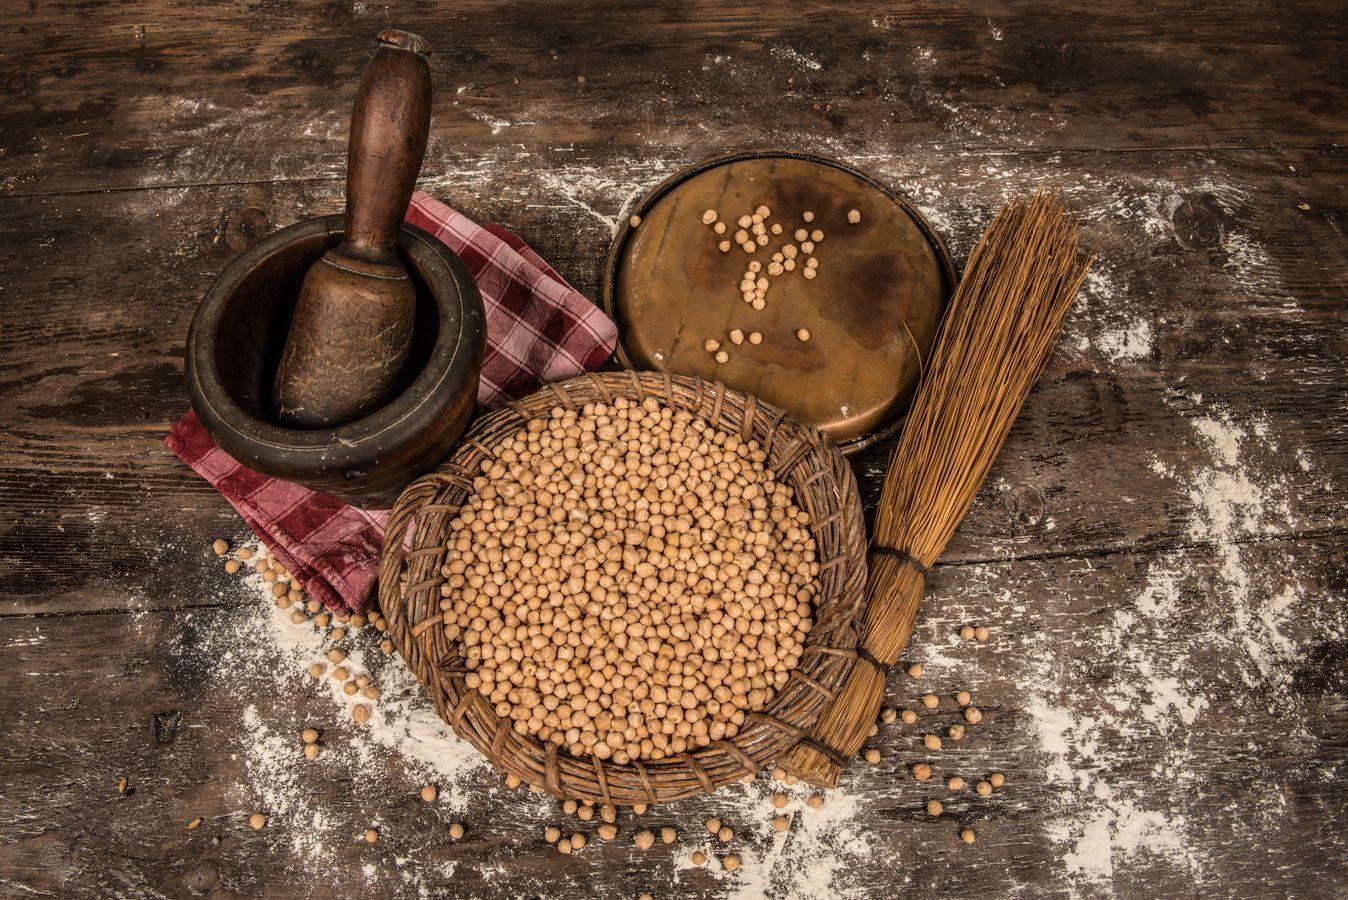 Cereali - I ceci Agricola Zerbo